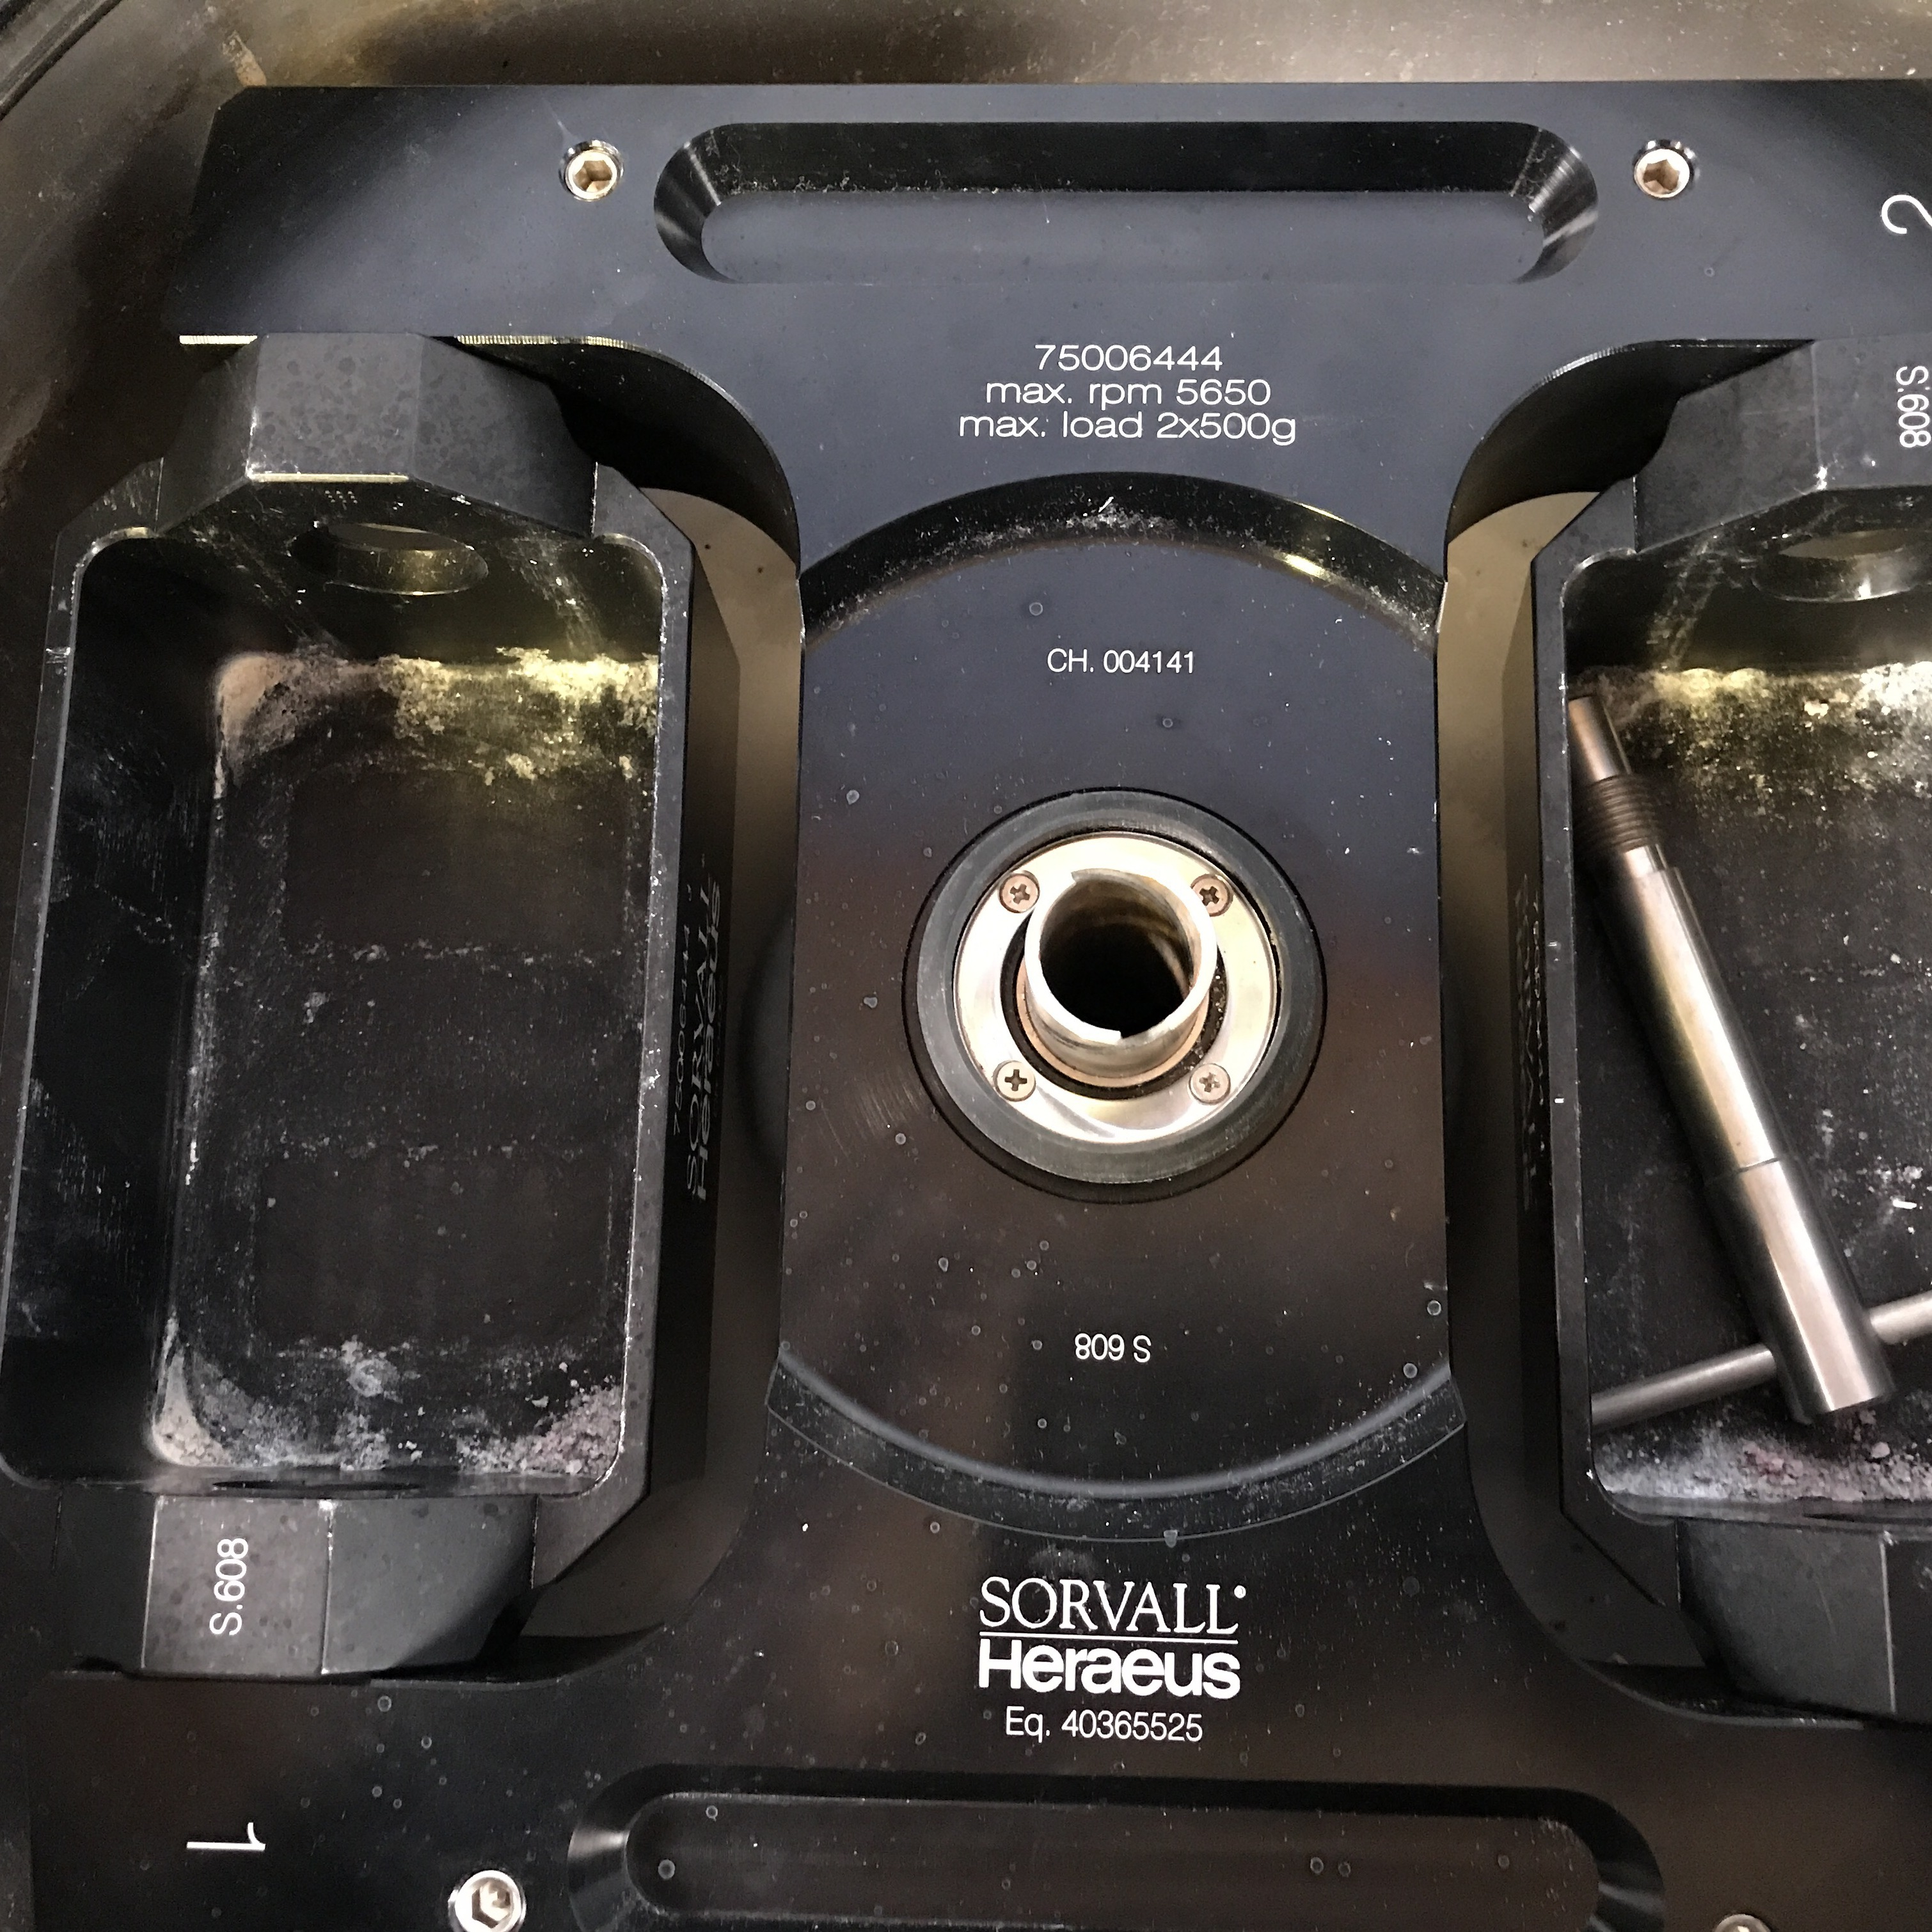 Sorvall Heraeus HighPlate Swinging Bucket Rotor P/N 75006444  Image